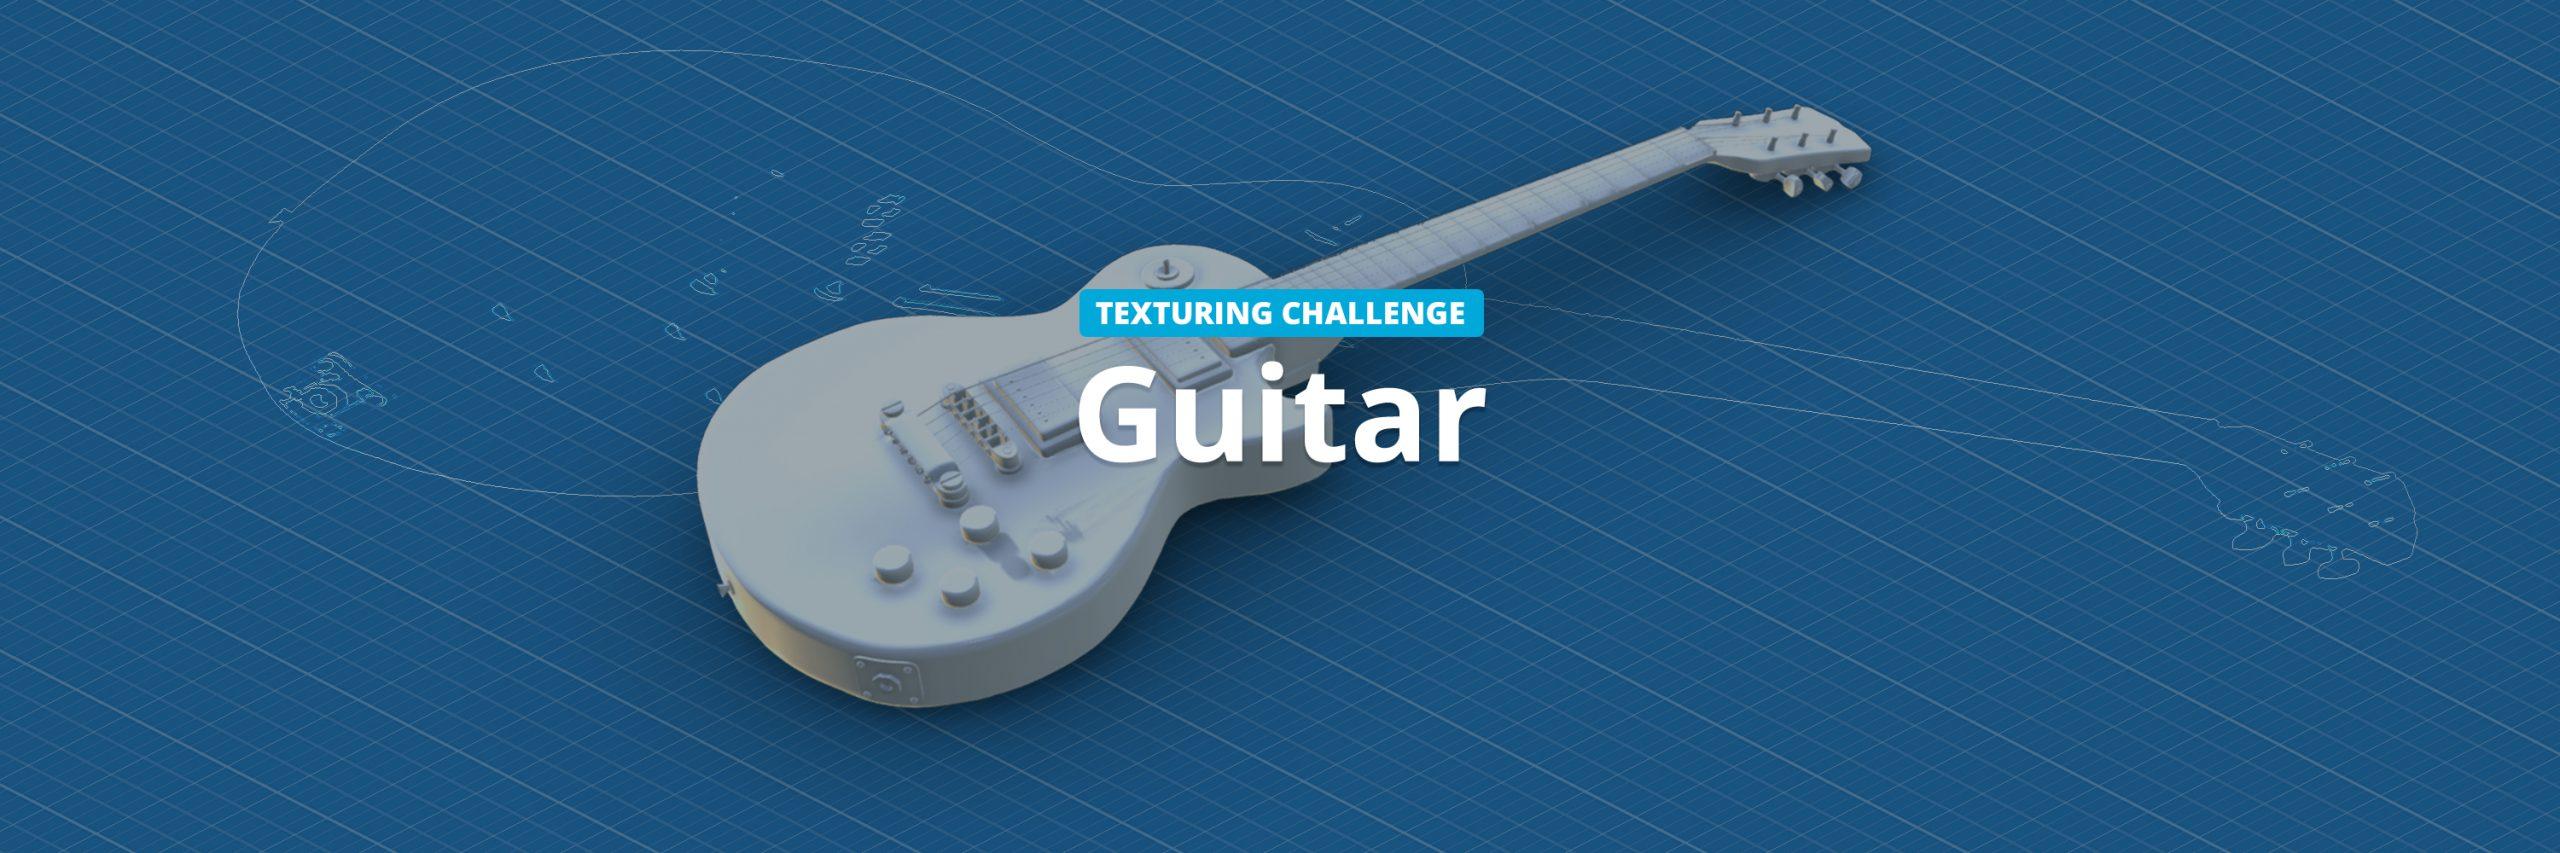 sketchfab guitar texturing challenge header image